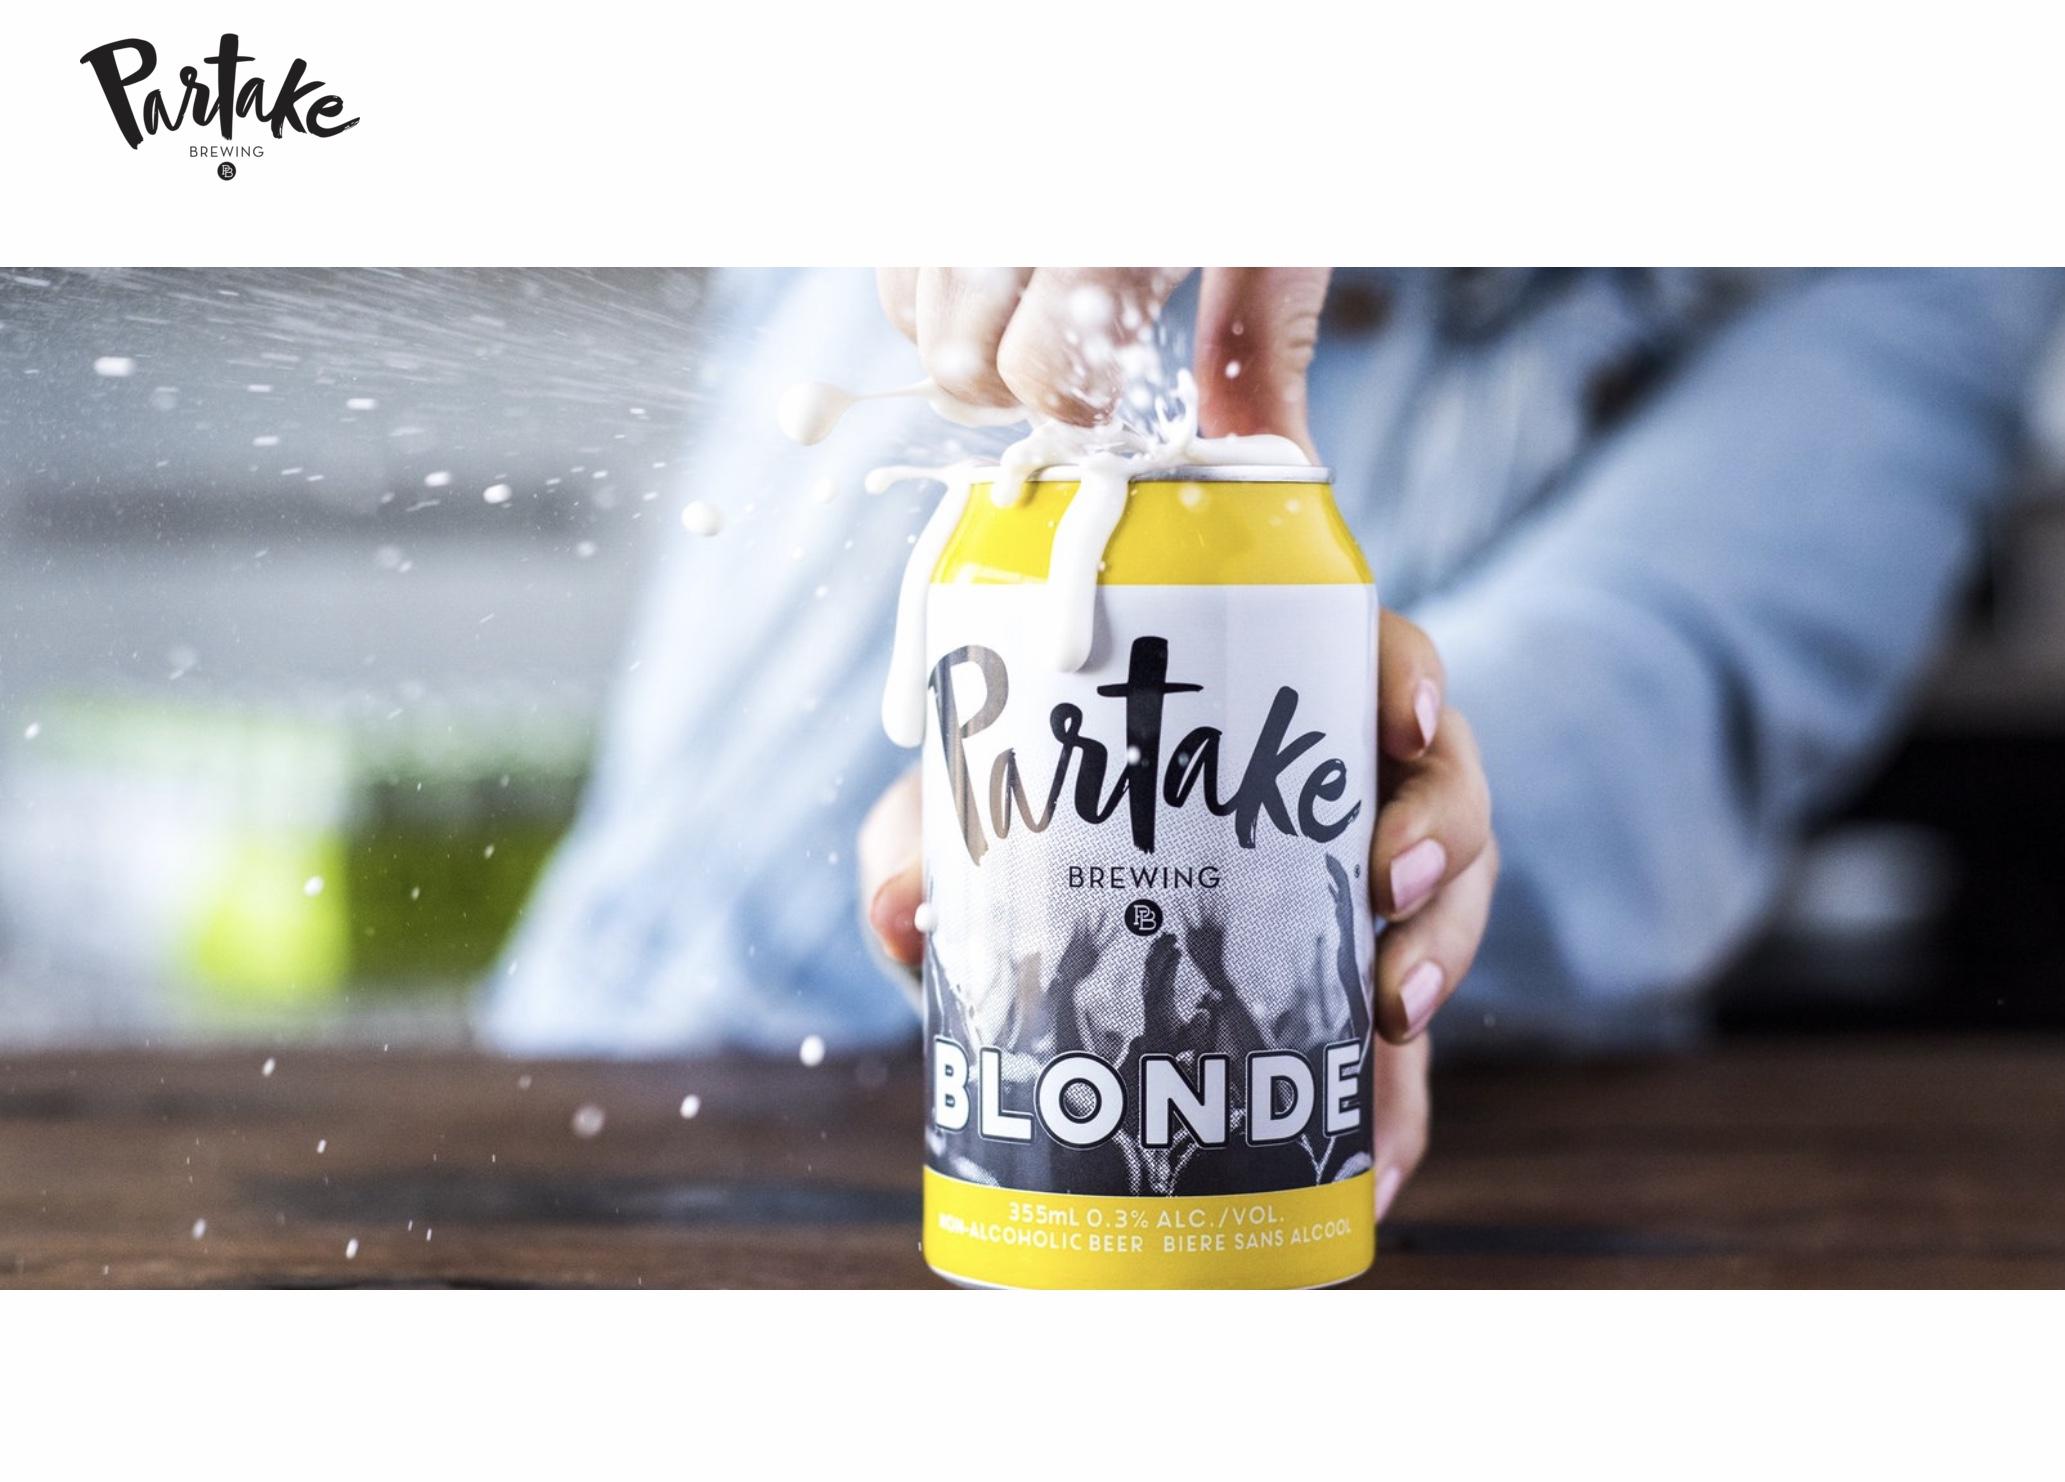 无酒精啤酒市场热度攀升,加拿大创业品牌 Partake 完成400万加元融资